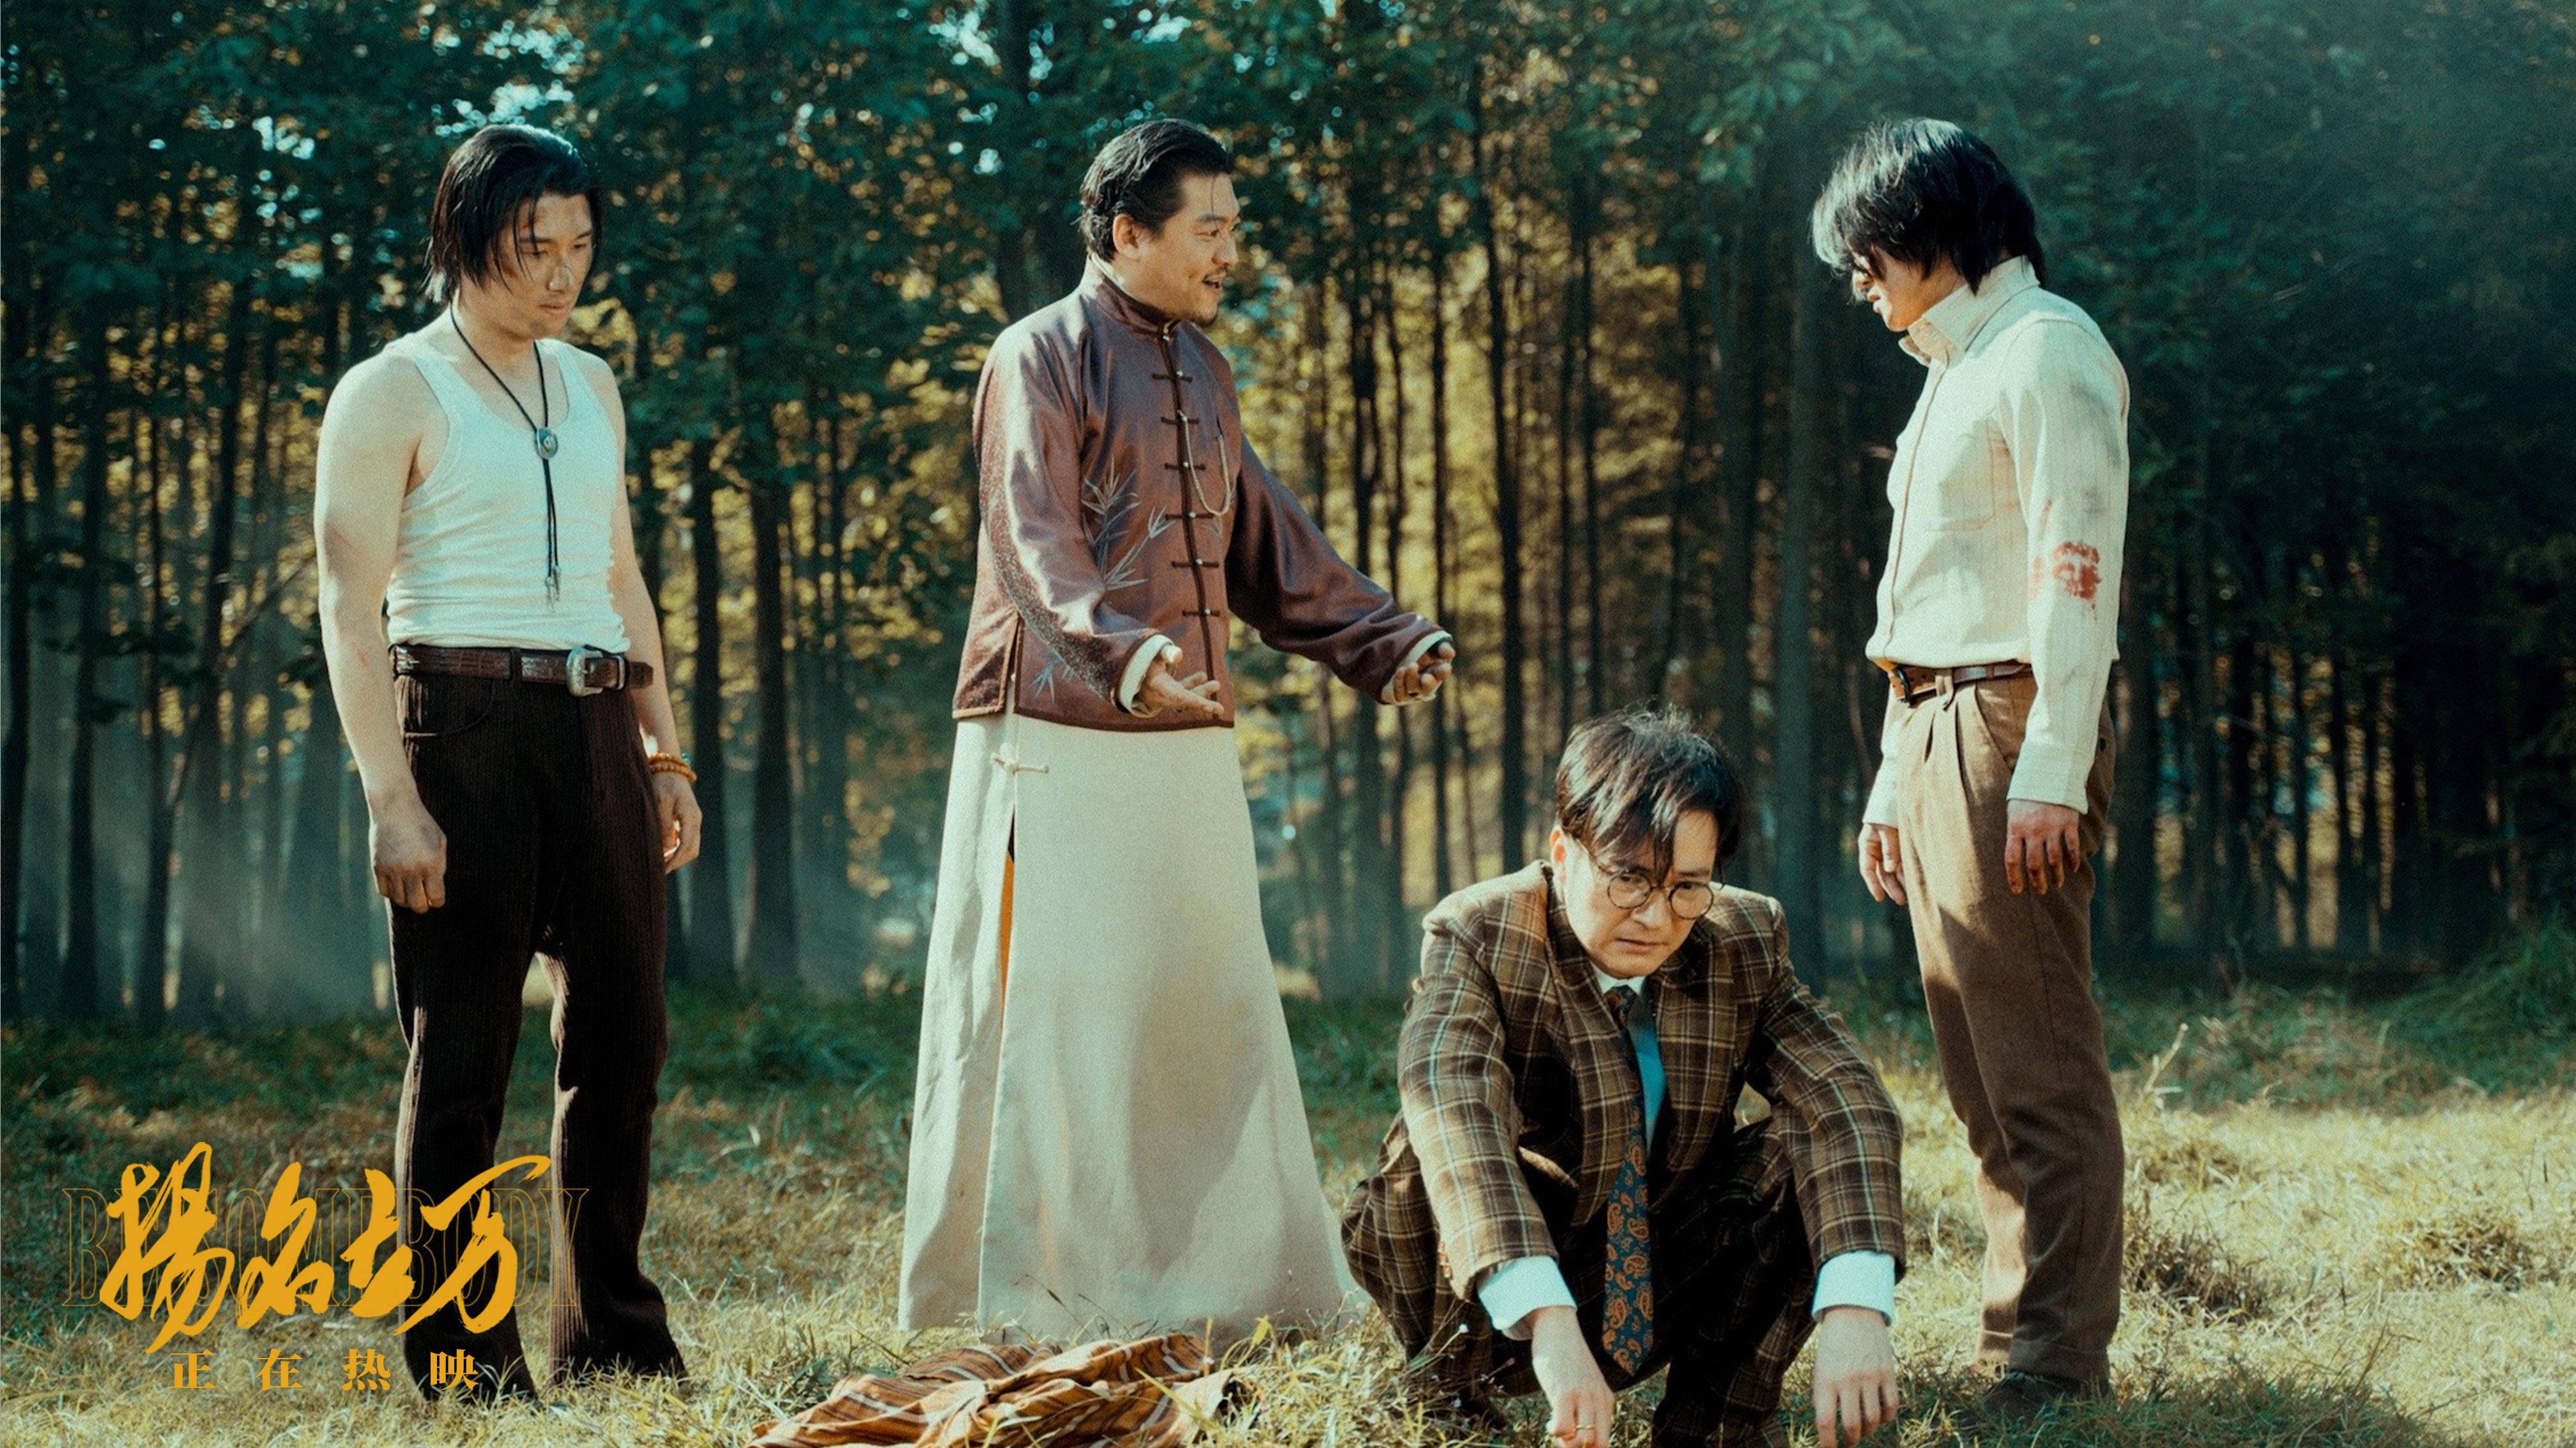 《复联4》导演罗素兄弟po